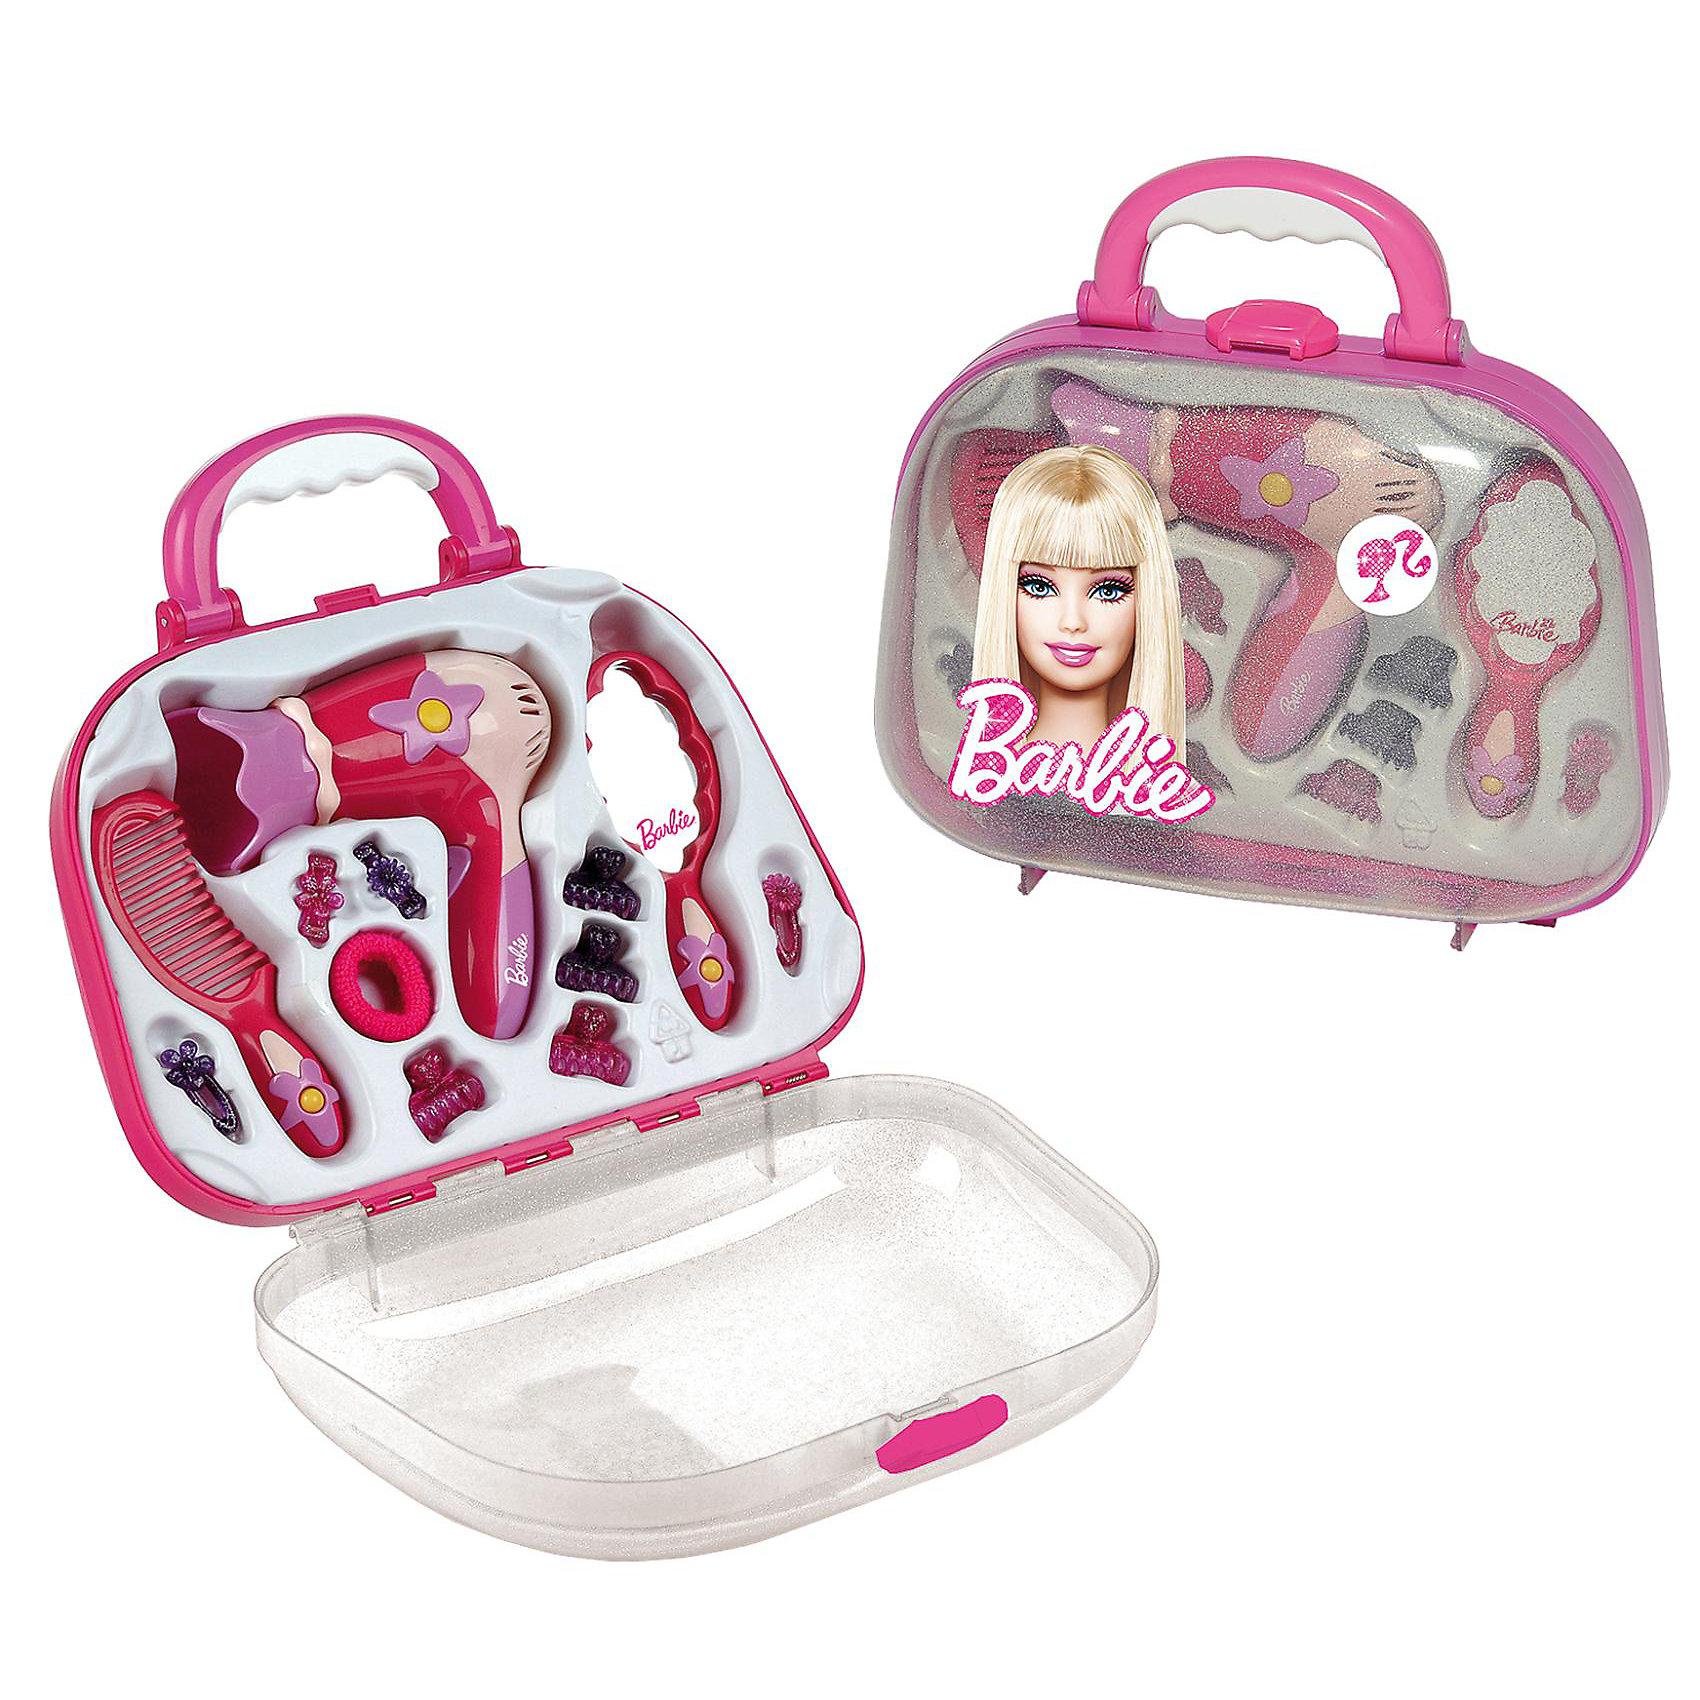 Набор парикмахера с феном Barbie, KleinПопулярные игрушки<br>Набор парикмахера от Кляйн (Klein) станет замечательным подарком для маленькой модницы. В наборе есть все необходимое для проявления творческой фантазии и создания новых необыкновенных причесок любимым куклам. Здесь Вы найдете фен, расческу, зеркало, различные заколочки и резиночки для волос. Фен имитирует работу настоящего взрослого фена: при включении из него идет струя воздуха и раздаются характерные звуки. Все инструменты упакованы в удобный чемоданчик с прозрачной передней частью и изображением куклы Барби, имеется ручка для транспортировки. Внутри для каждого инструмента есть свой отсек.<br><br>Дополнительная информация:<br><br>- В наборе: фен, расческа, зеркало, заколочки, резиночки для волос. <br>- Материал: пластик.<br>- Требуется батарейка: 1 х R6 (в комплект не входит).<br>- Размер упаковки: 27 x 28 x 10 см.<br>- Вес: 0,64 кг.<br><br>Набор парикмахера, Klein можно купить в нашем интернет-магазине.<br><br>Ширина мм: 275<br>Глубина мм: 250<br>Высота мм: 250<br>Вес г: 583<br>Возраст от месяцев: 36<br>Возраст до месяцев: 72<br>Пол: Женский<br>Возраст: Детский<br>SKU: 2041560